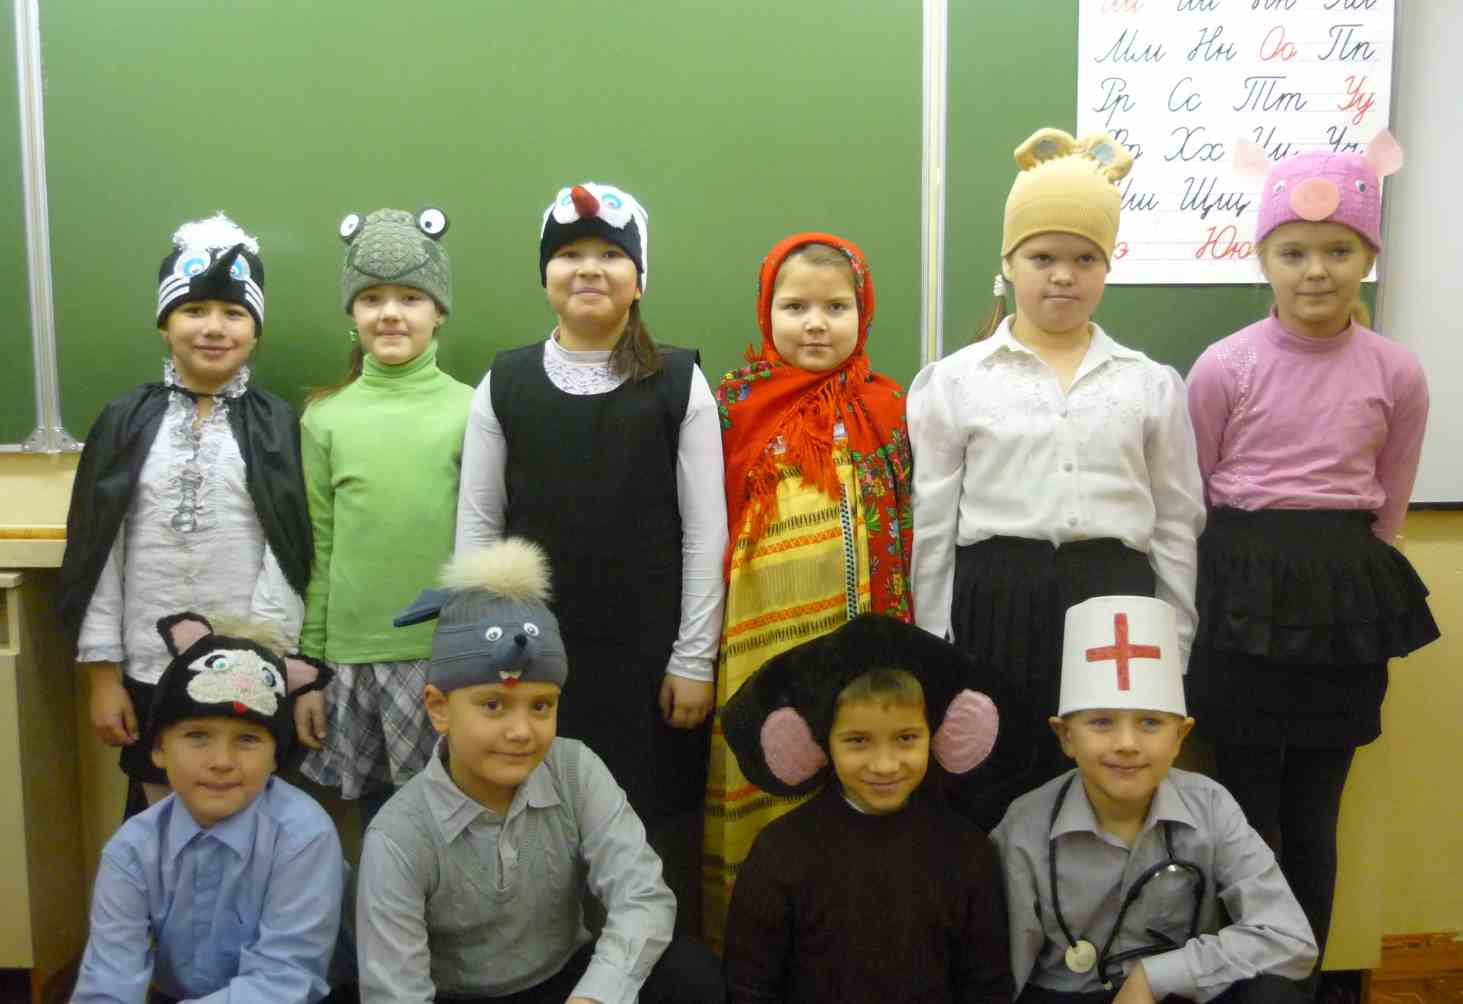 kak-organizovat-teatr-v-klasse-sobrat-polnyj-zal-roditelej-i-povysit-motivatsiyu-k-obucheniyu